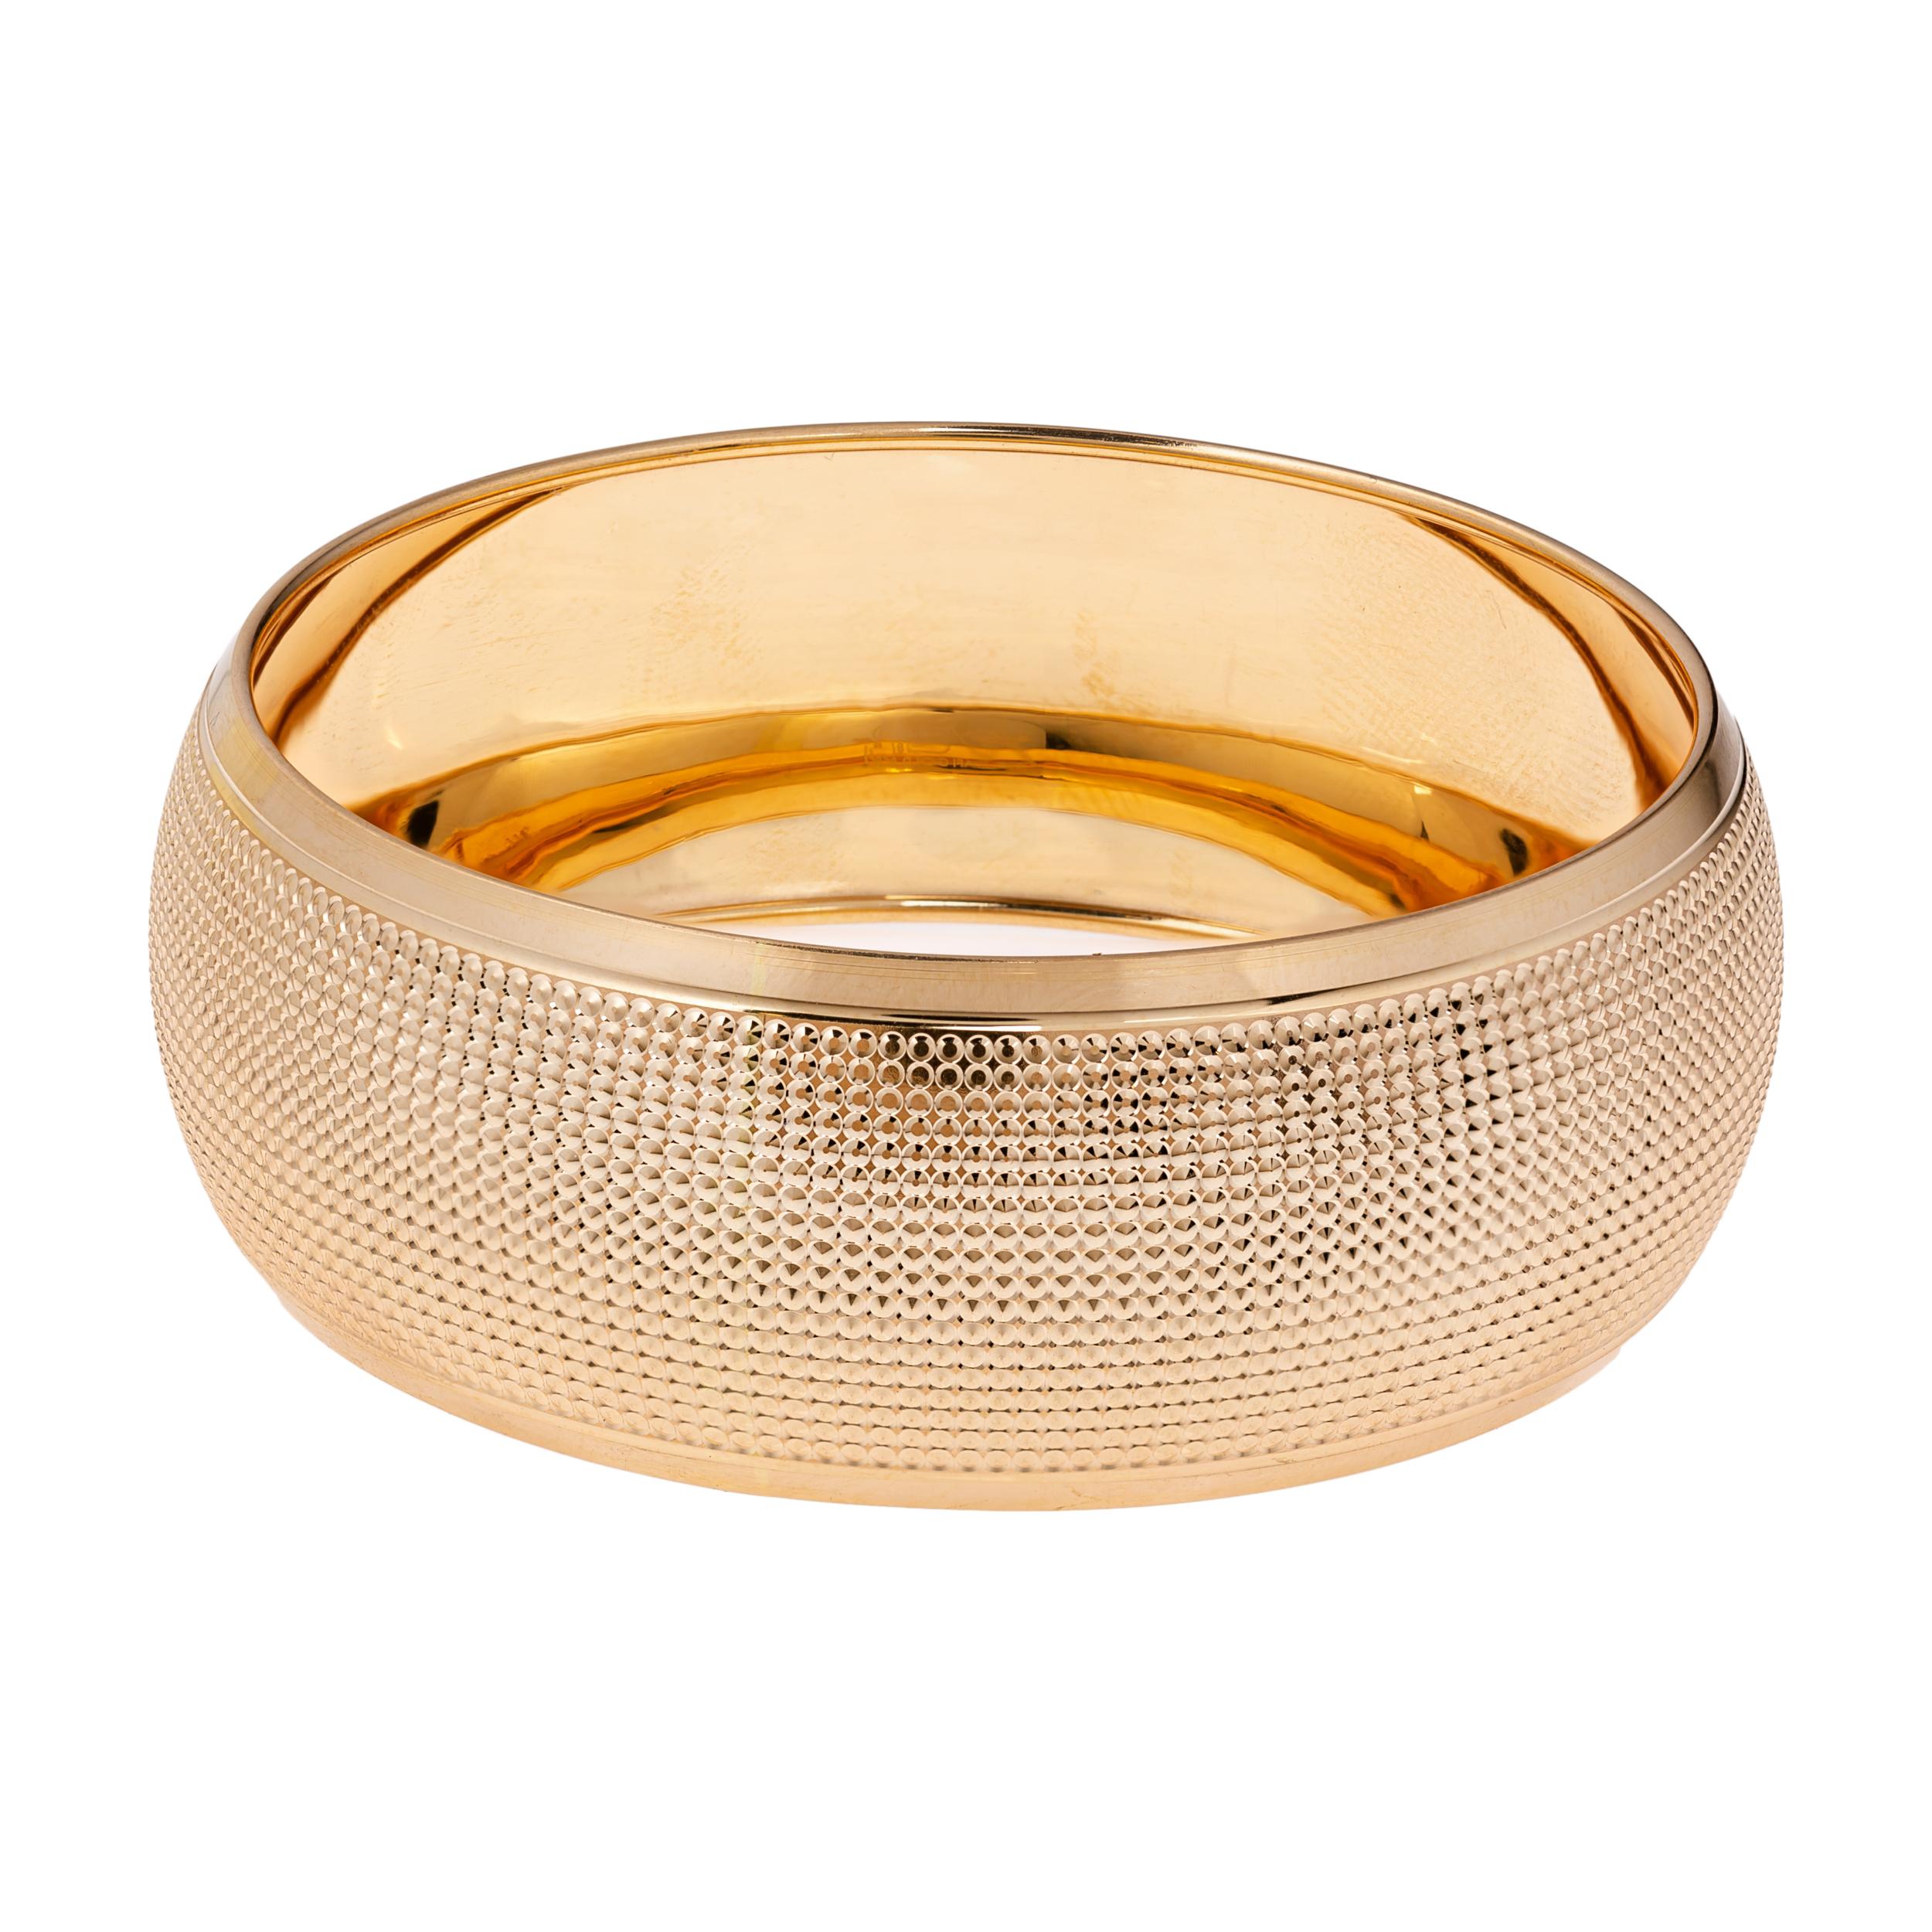 النگو طلا 18 عیار زنانه گالری یارطلا کد AL26-G-4